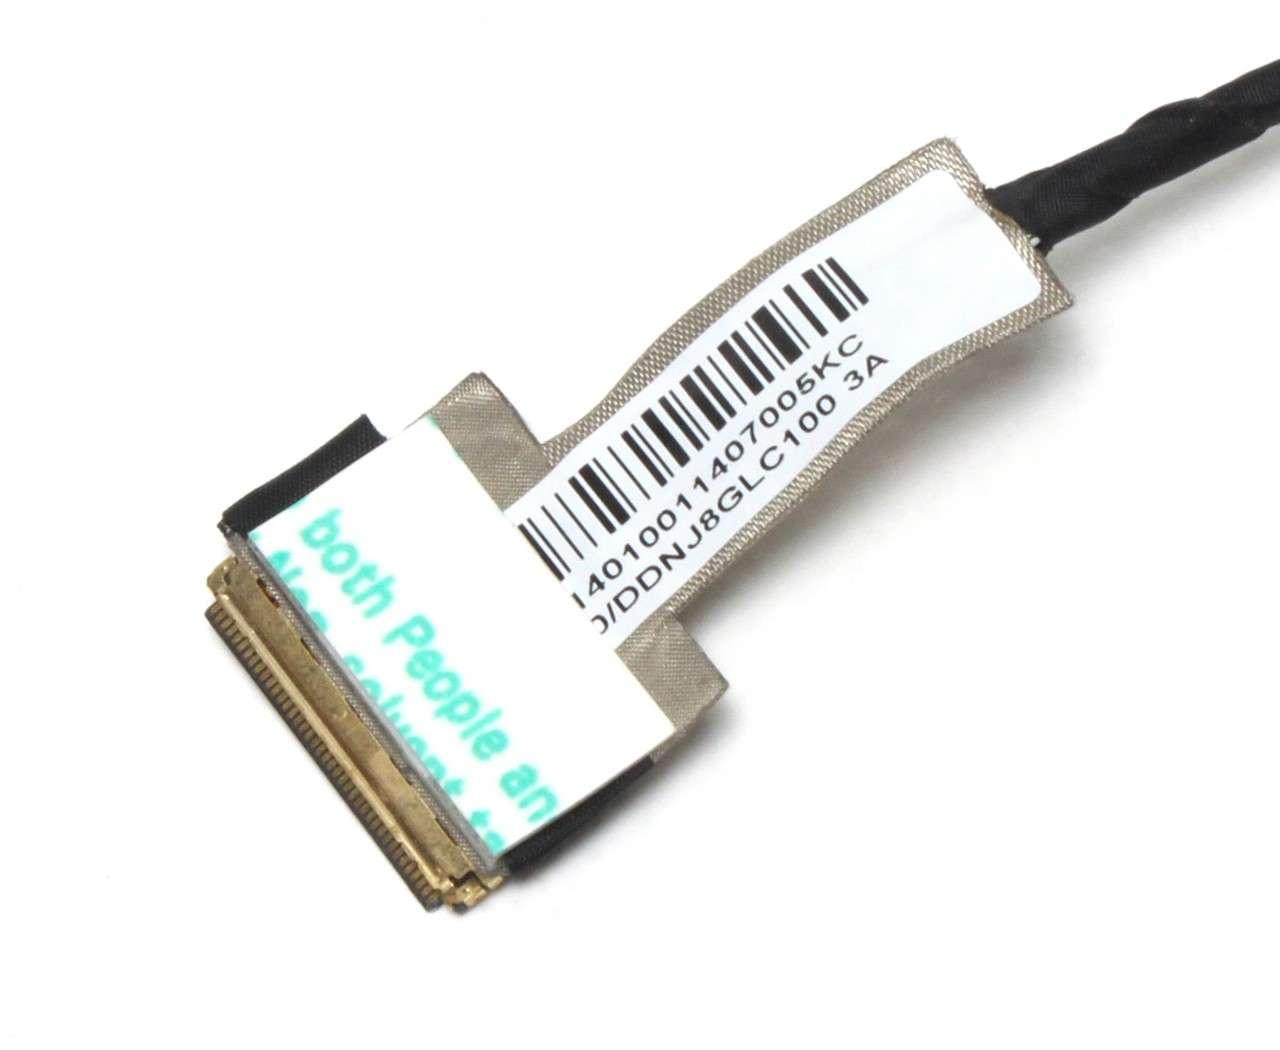 Cablu video LVDS Asus 14005 01140100 FULL HD 1920x1080 imagine powerlaptop.ro 2021